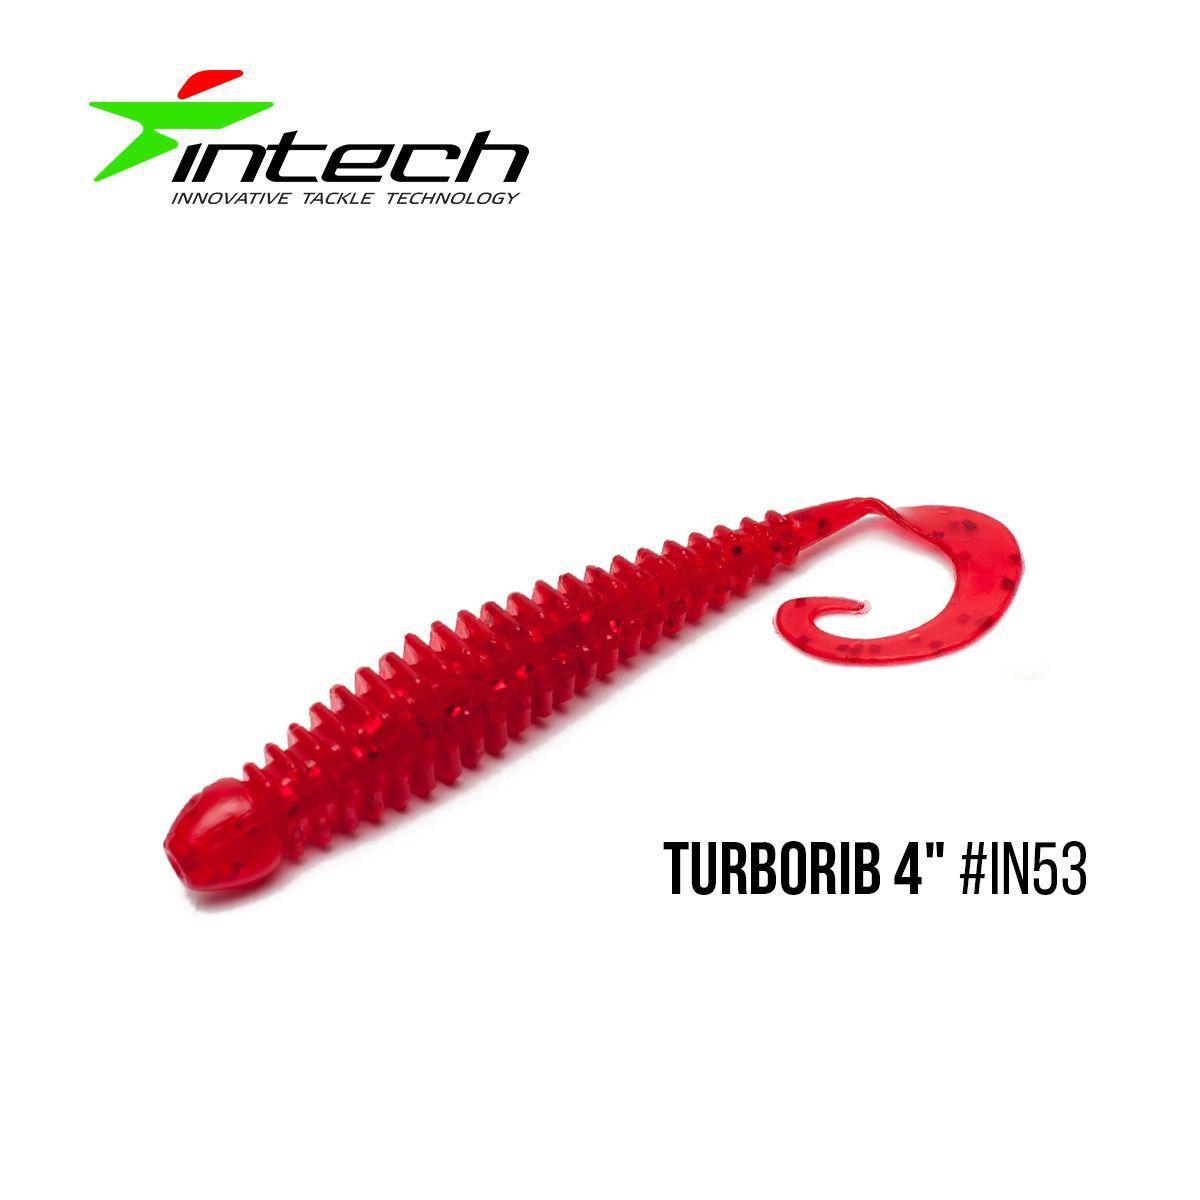 """"""".Приманка Intech Turborib 4""""(5 шт) (IN53)"""